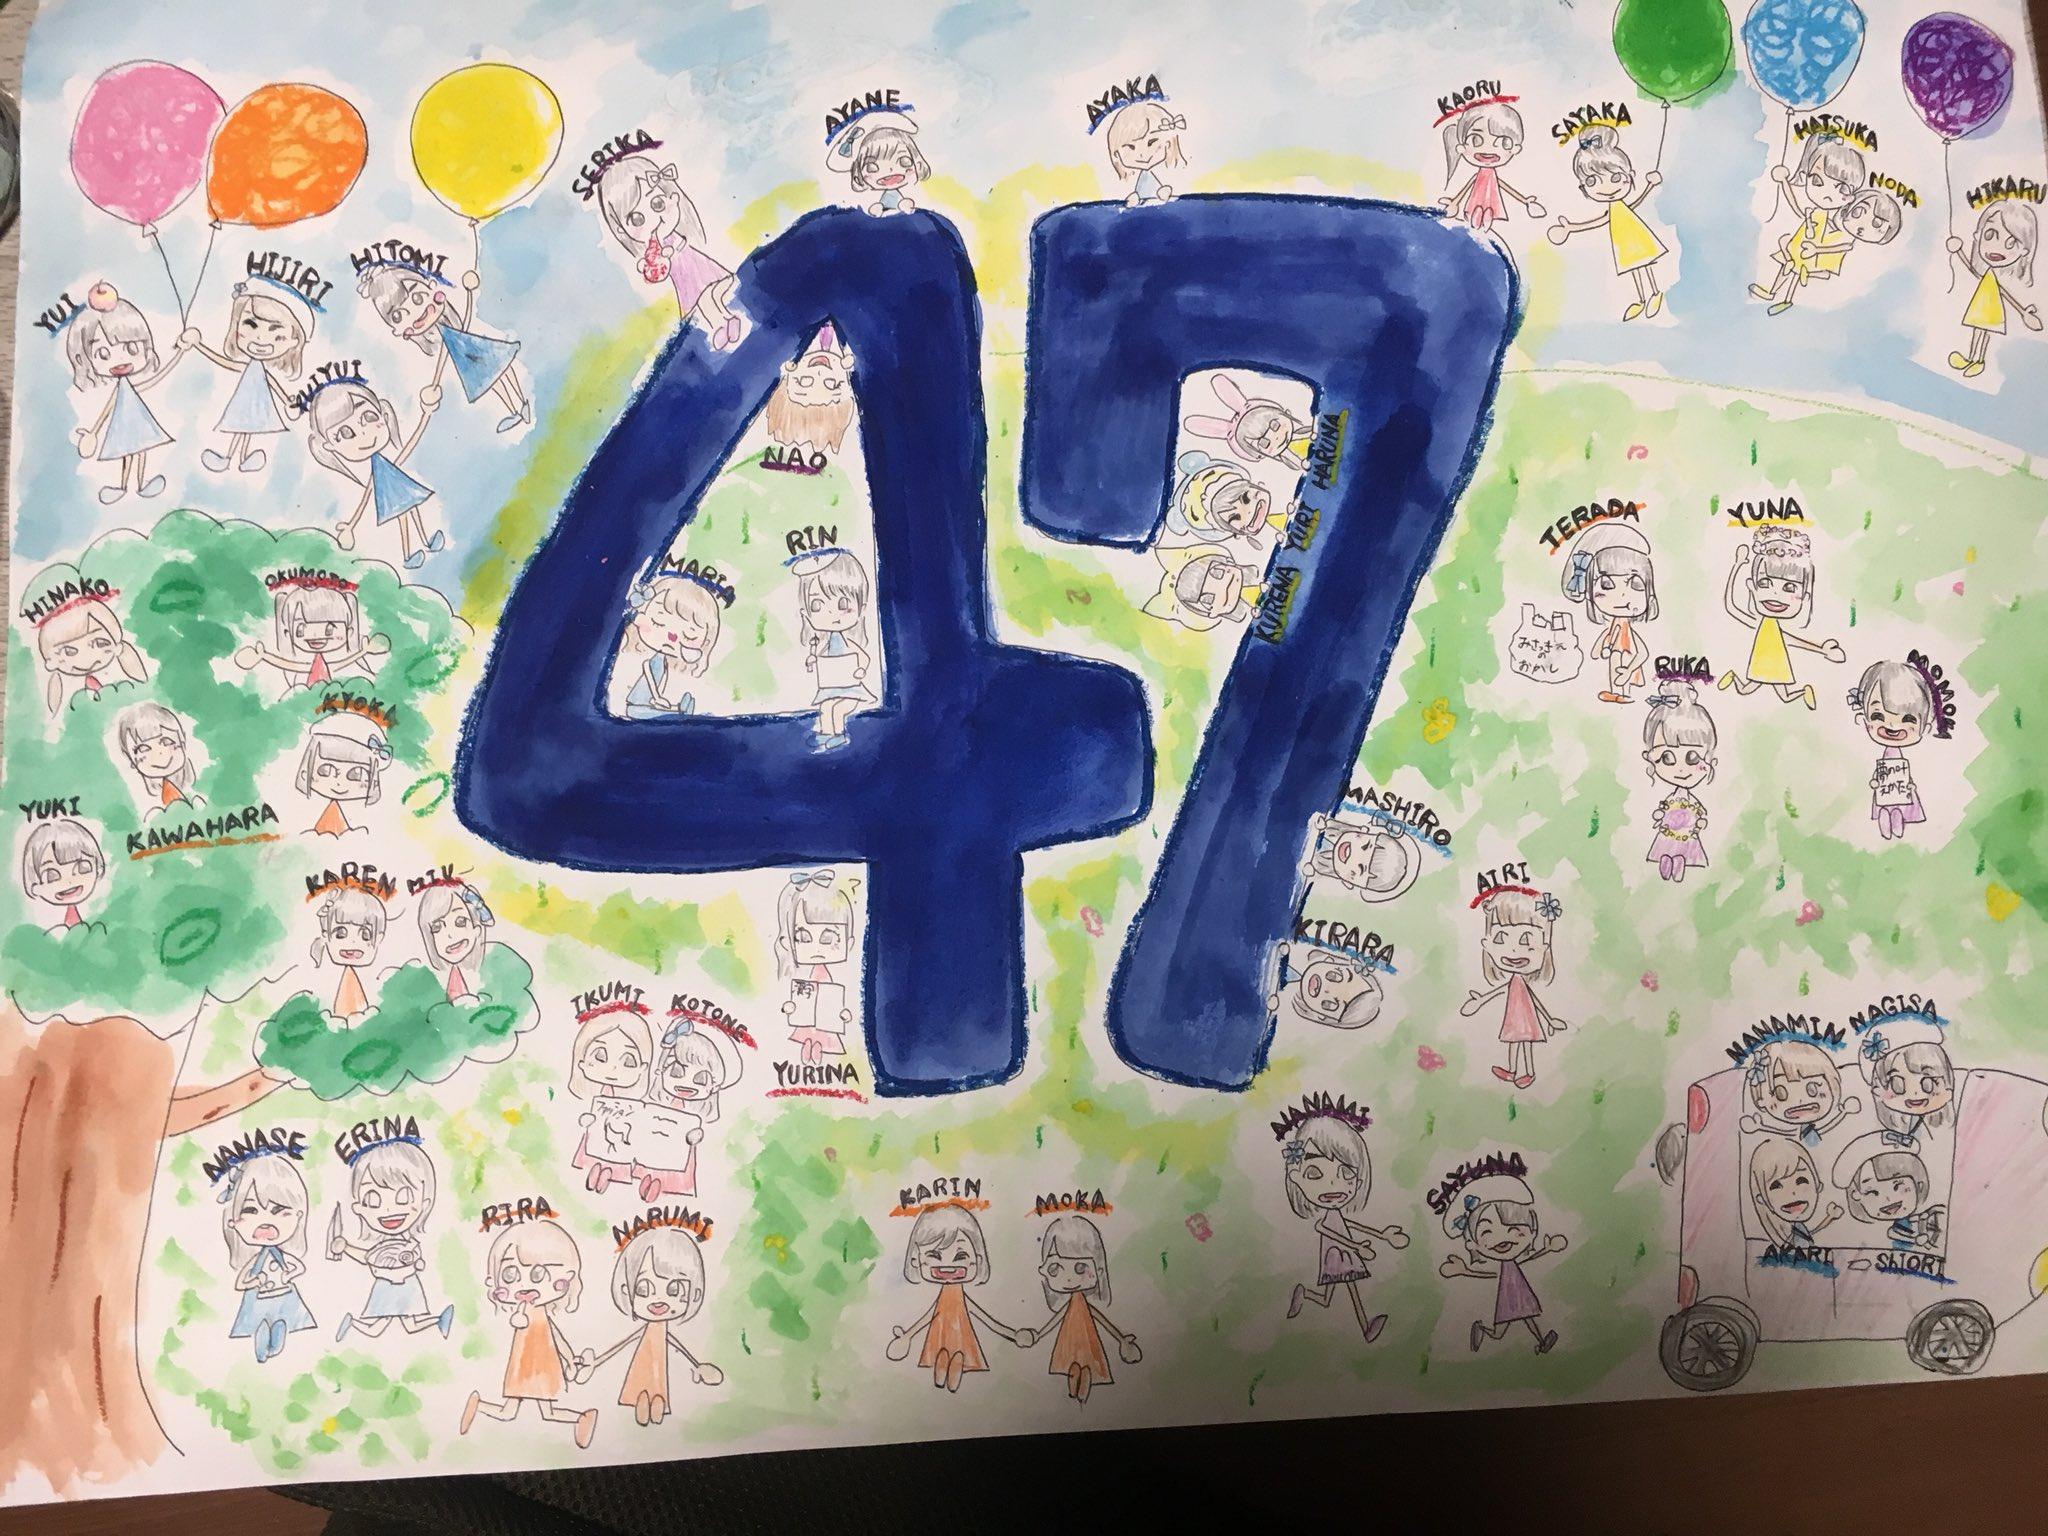 チーム8歌田初夏さんが描いたチーム8の絵がほっこりする